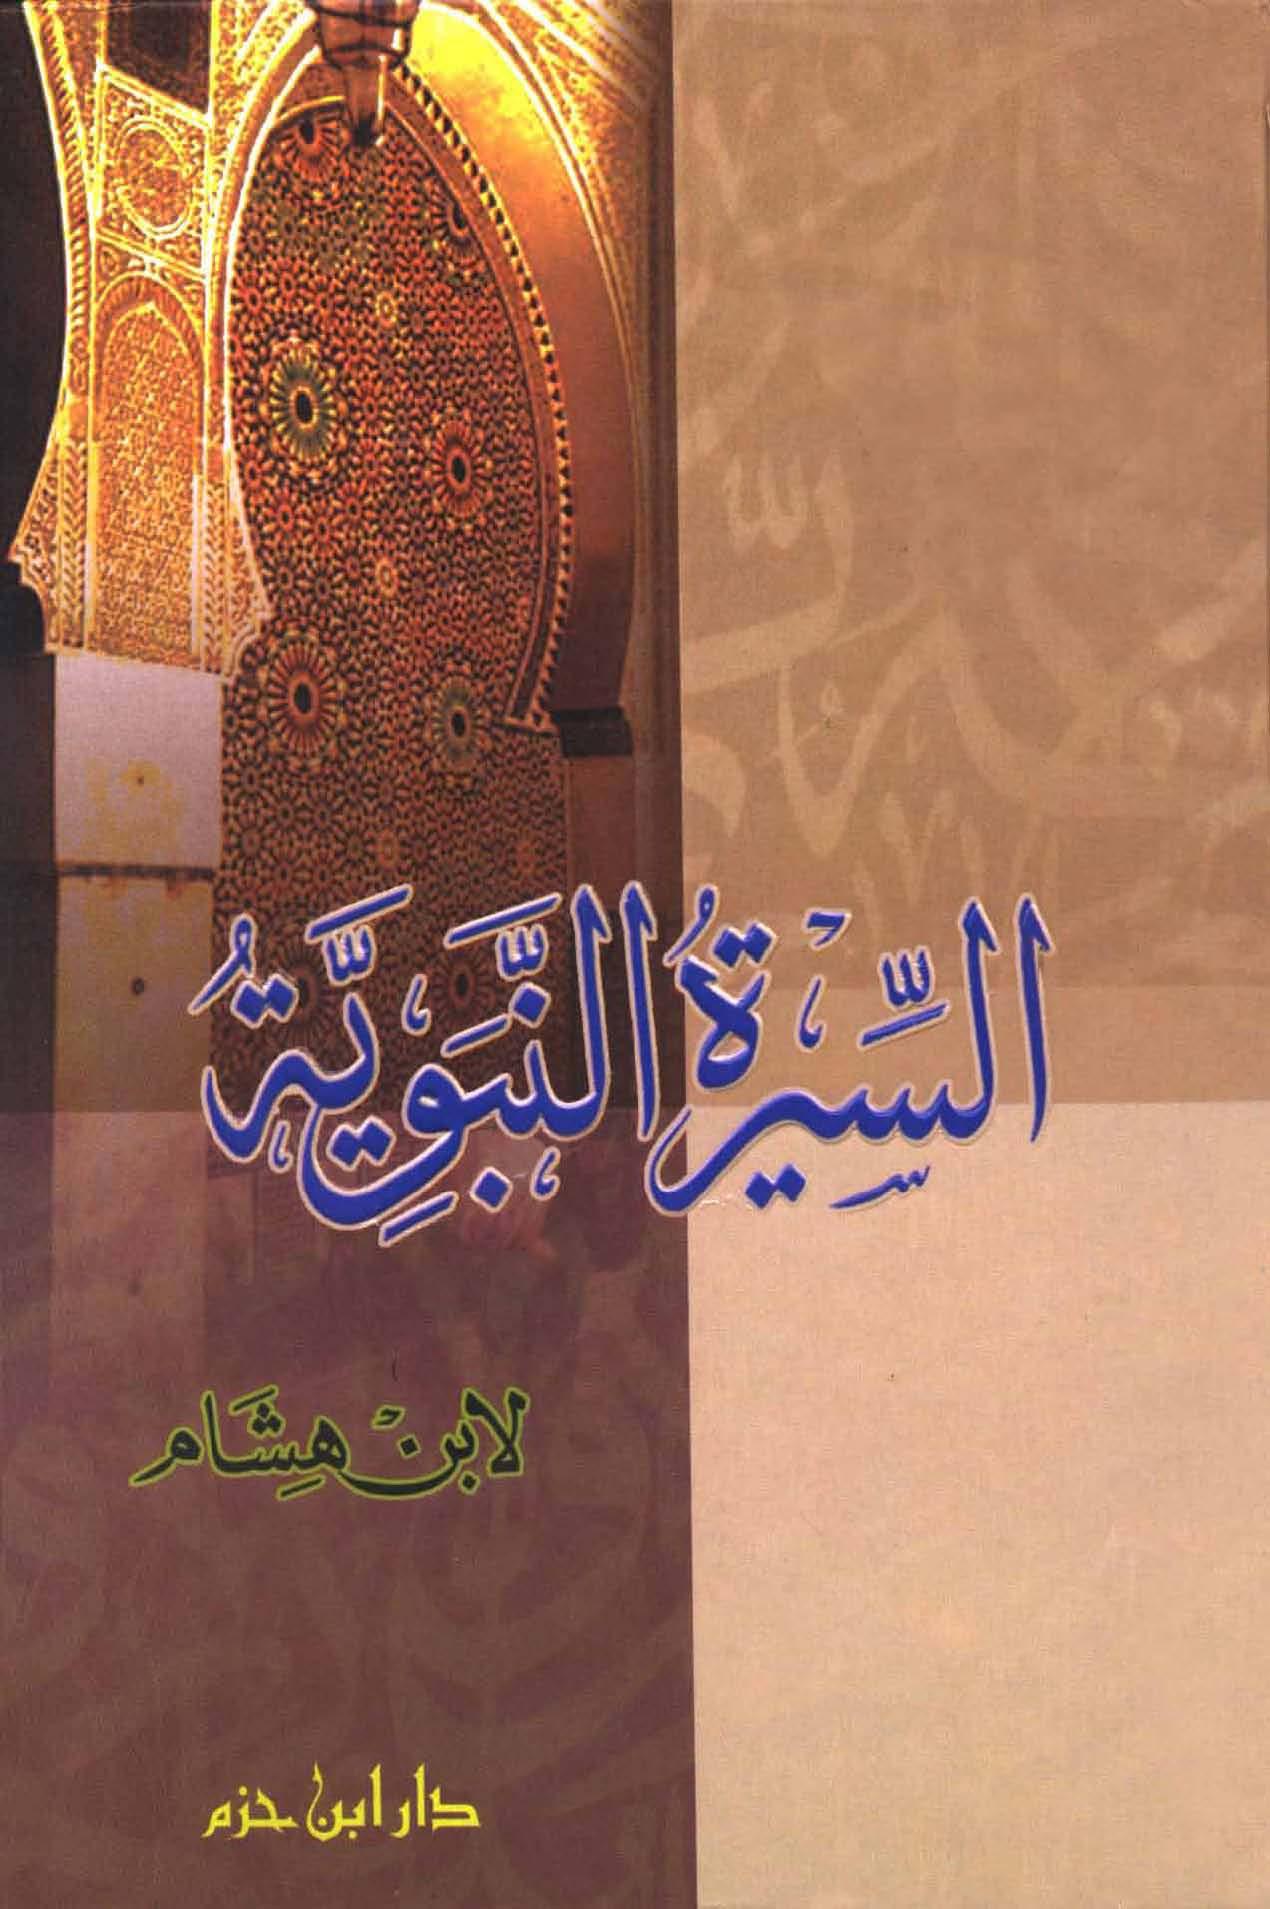 كتاب  السيرة النبوية (ط. ابن حزم)